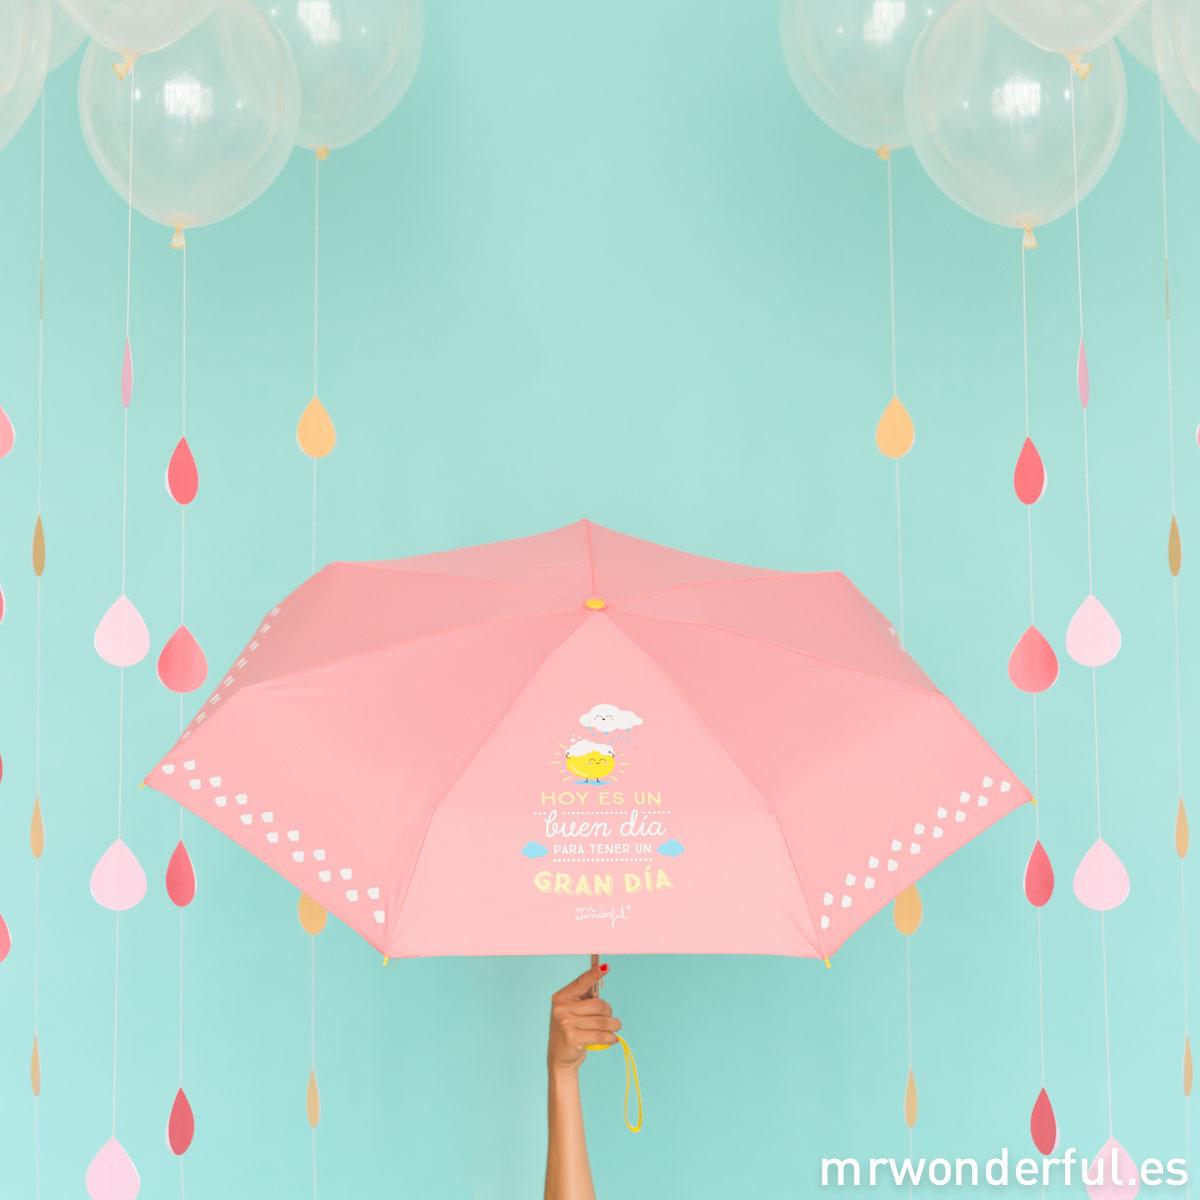 mrwonderful_8435460706896_paraguas_hoy-es-un-dia-para-tener-un-gran-dia-ES-3